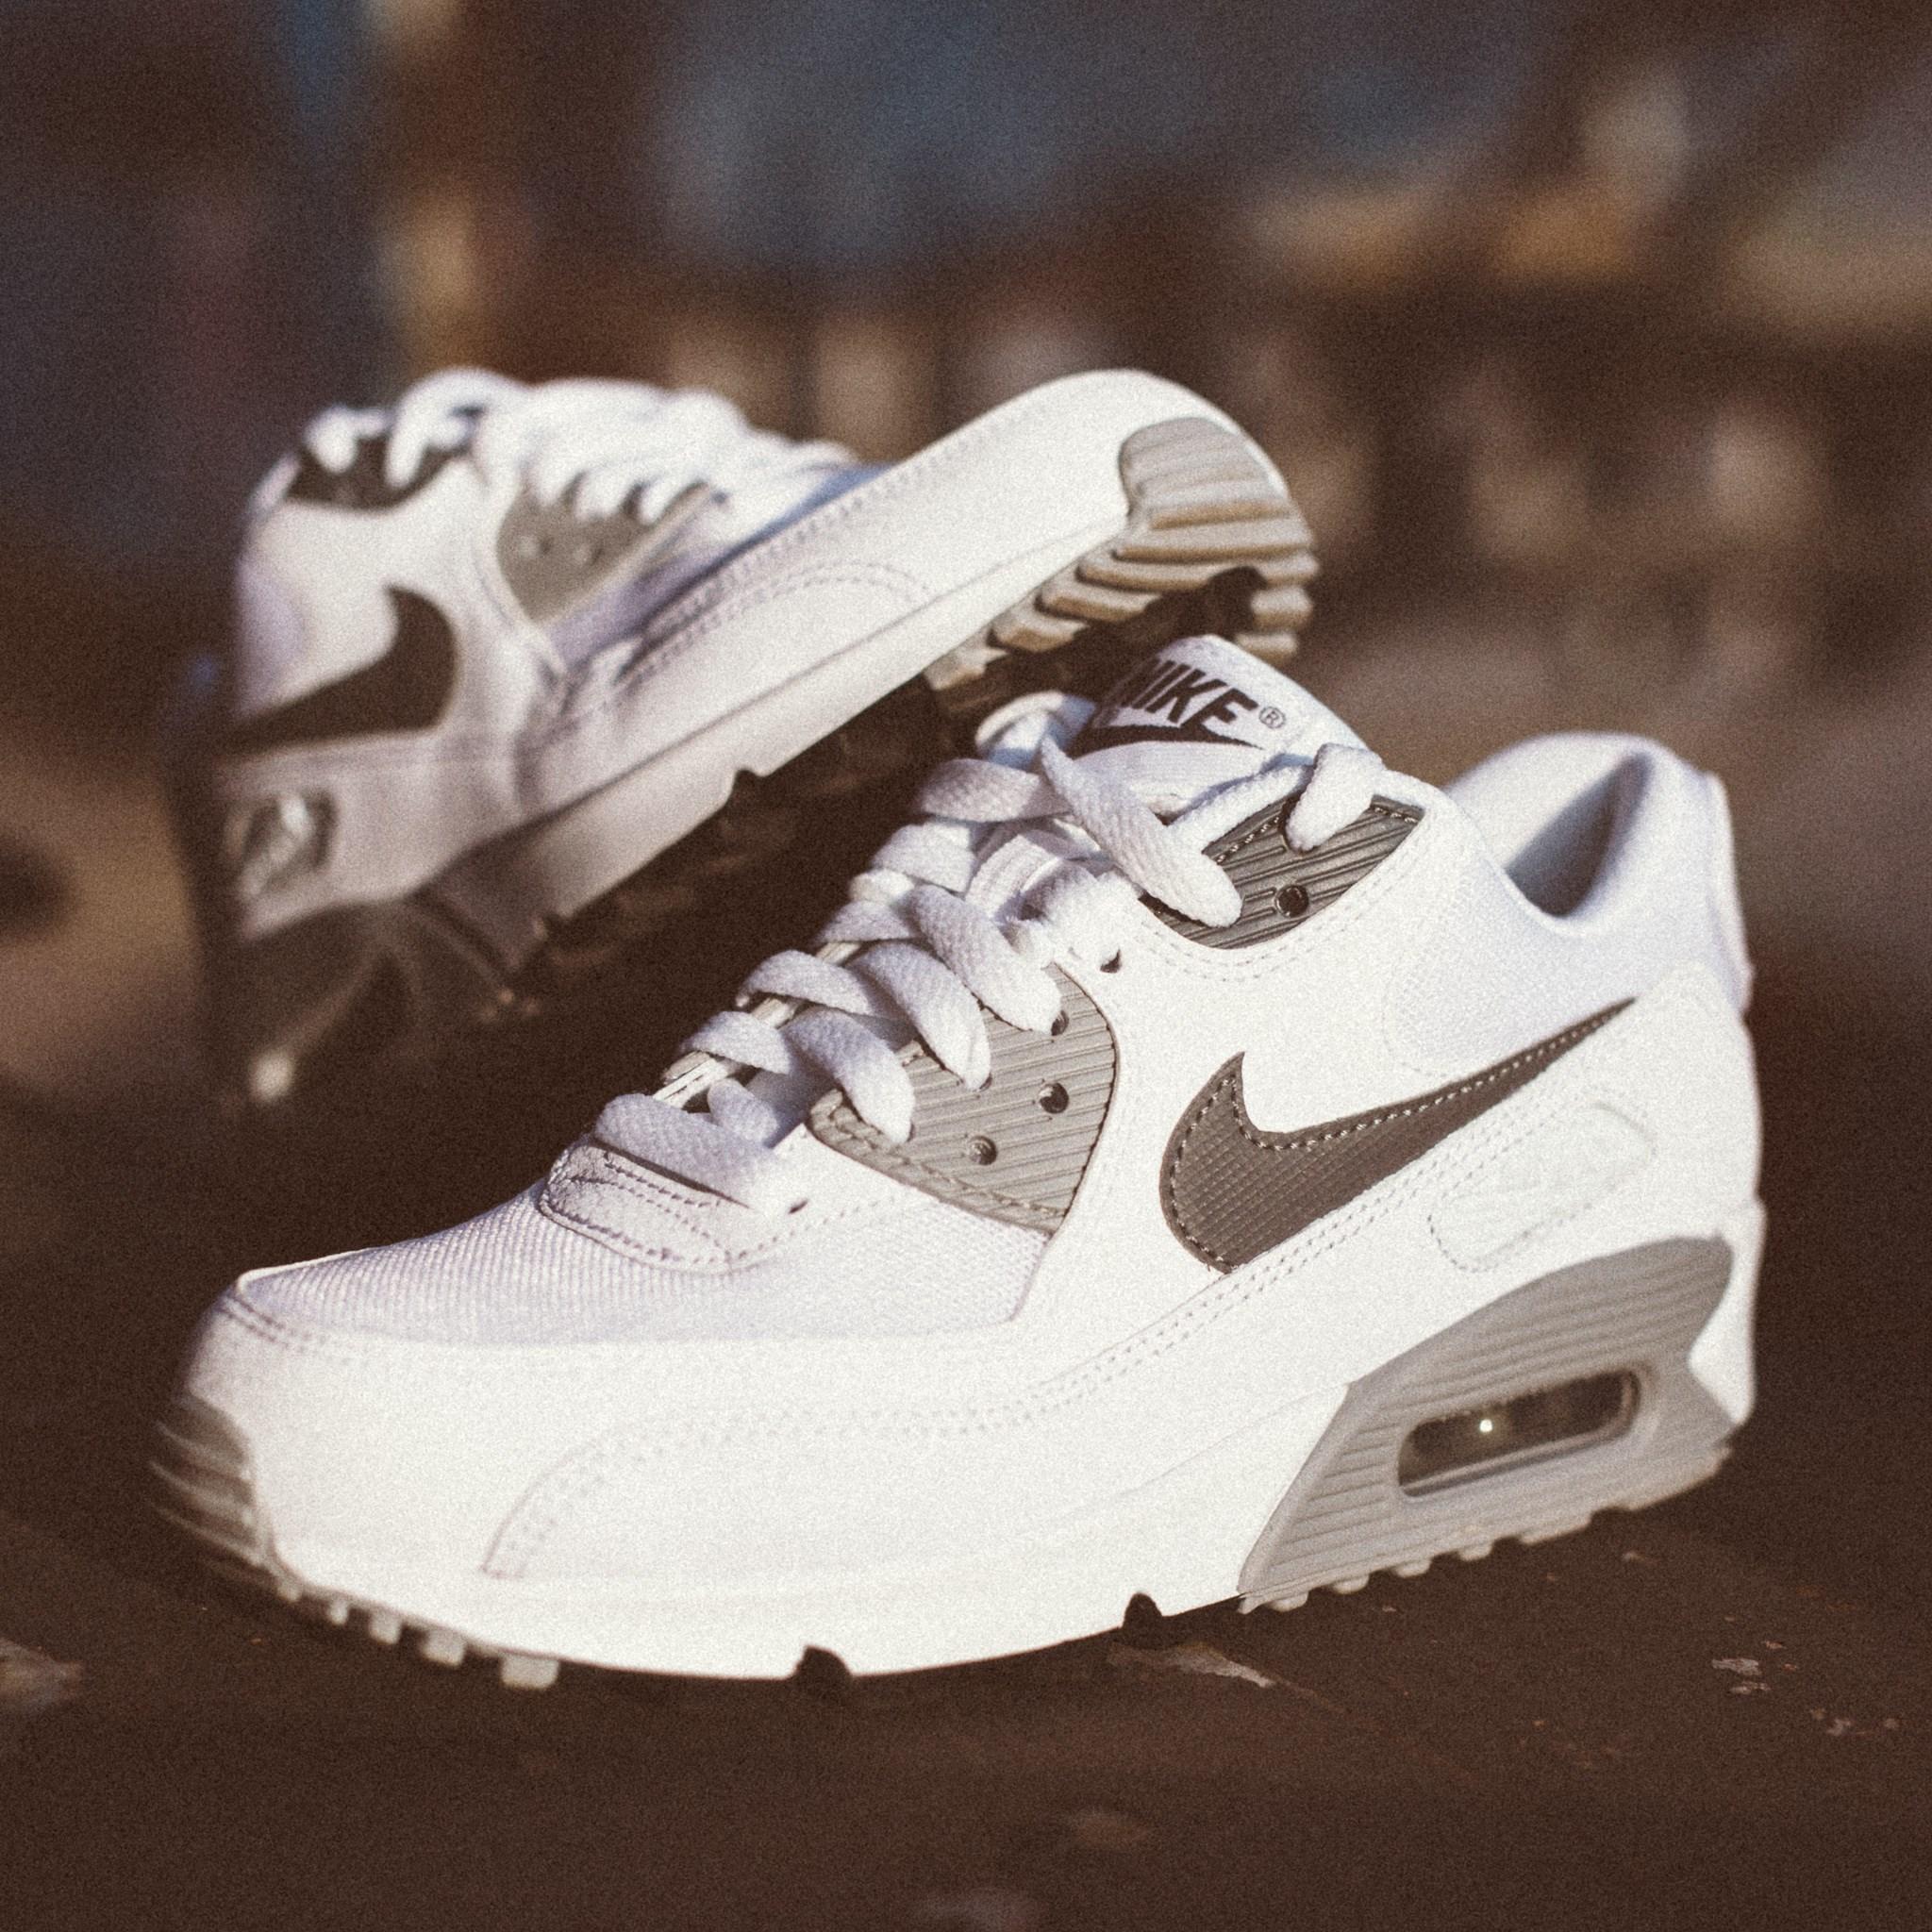 Nike Air Max fotografi